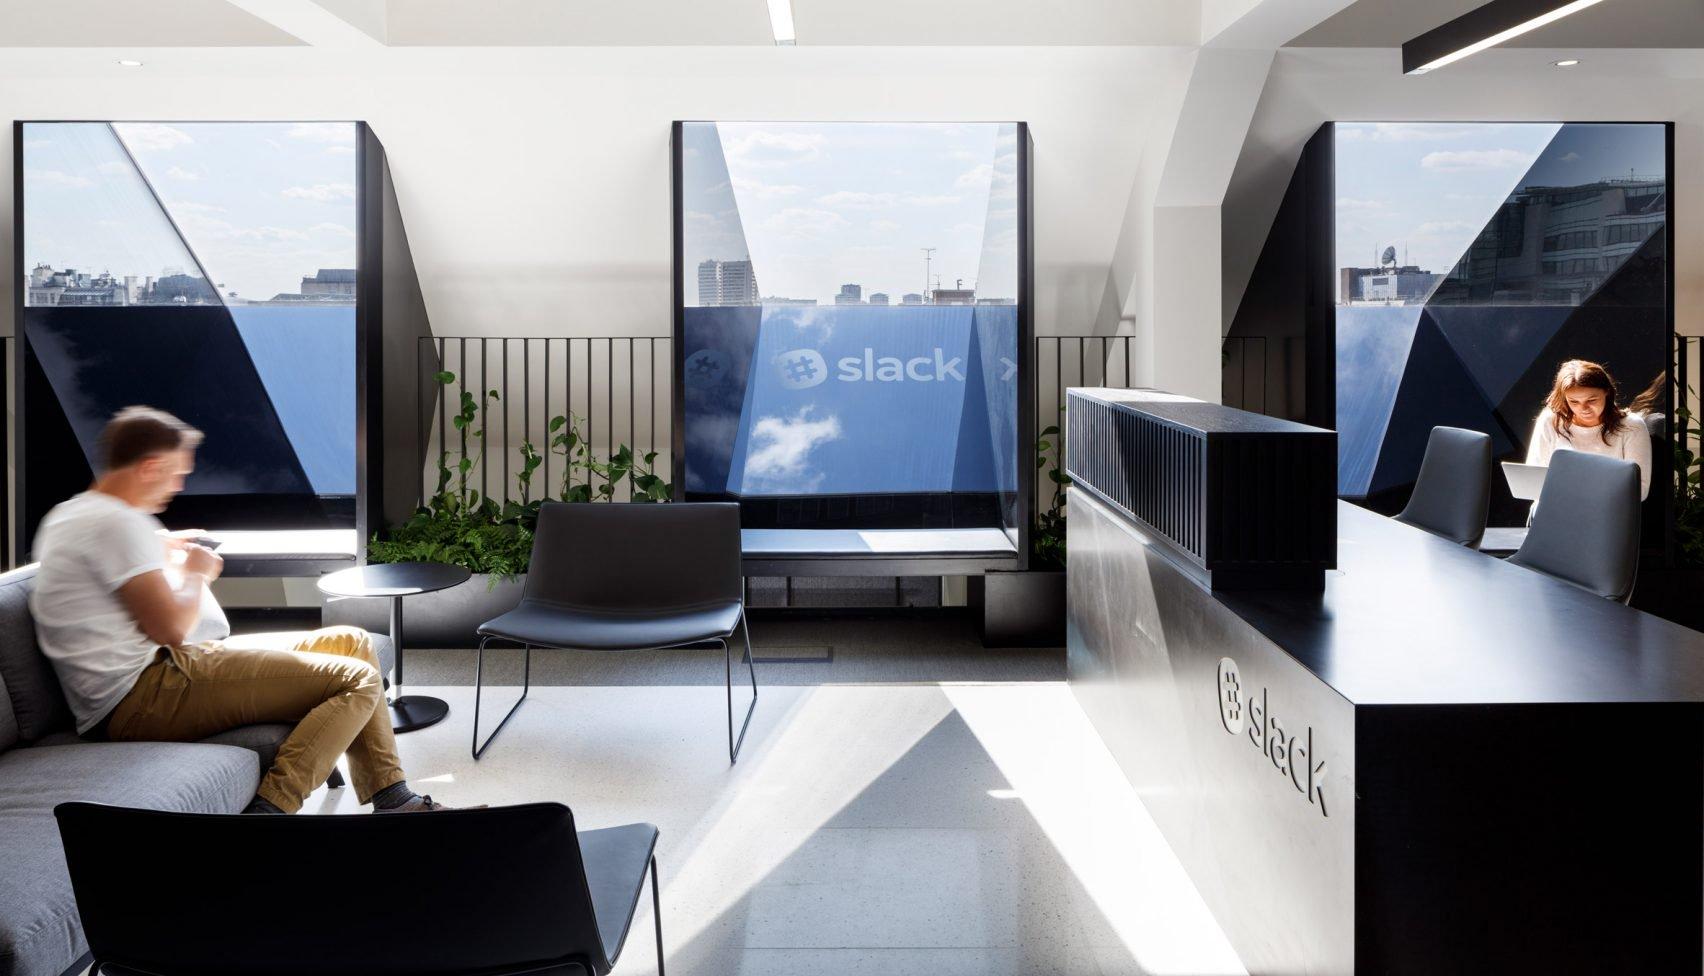 Het kantoor van Slack in Londen